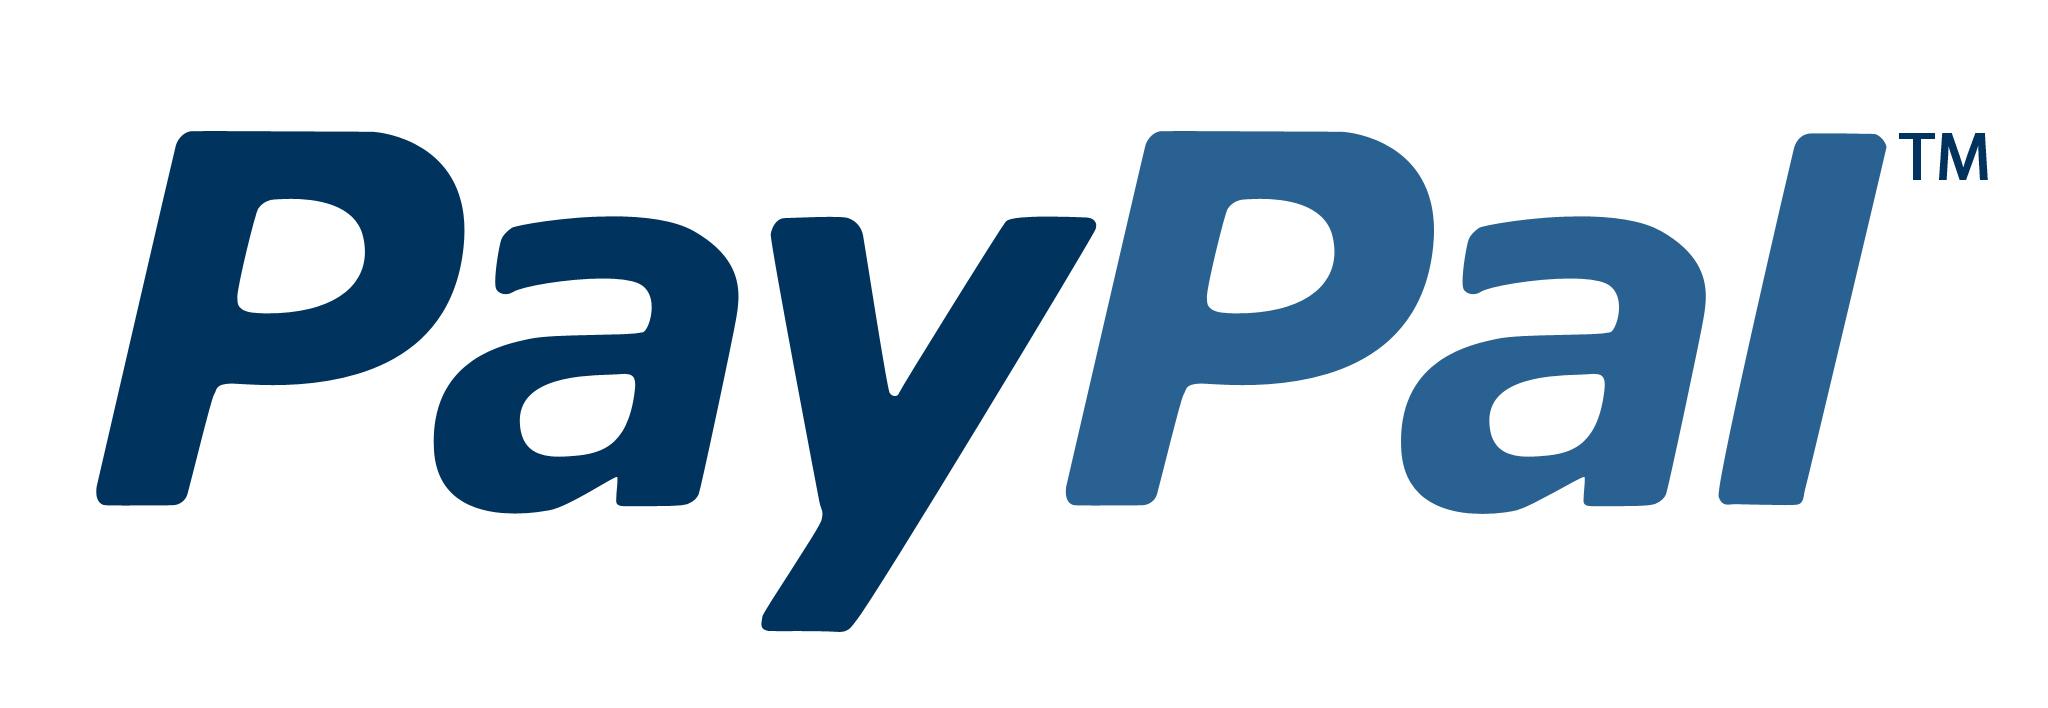 Payez avec Paypal sur Solentbay